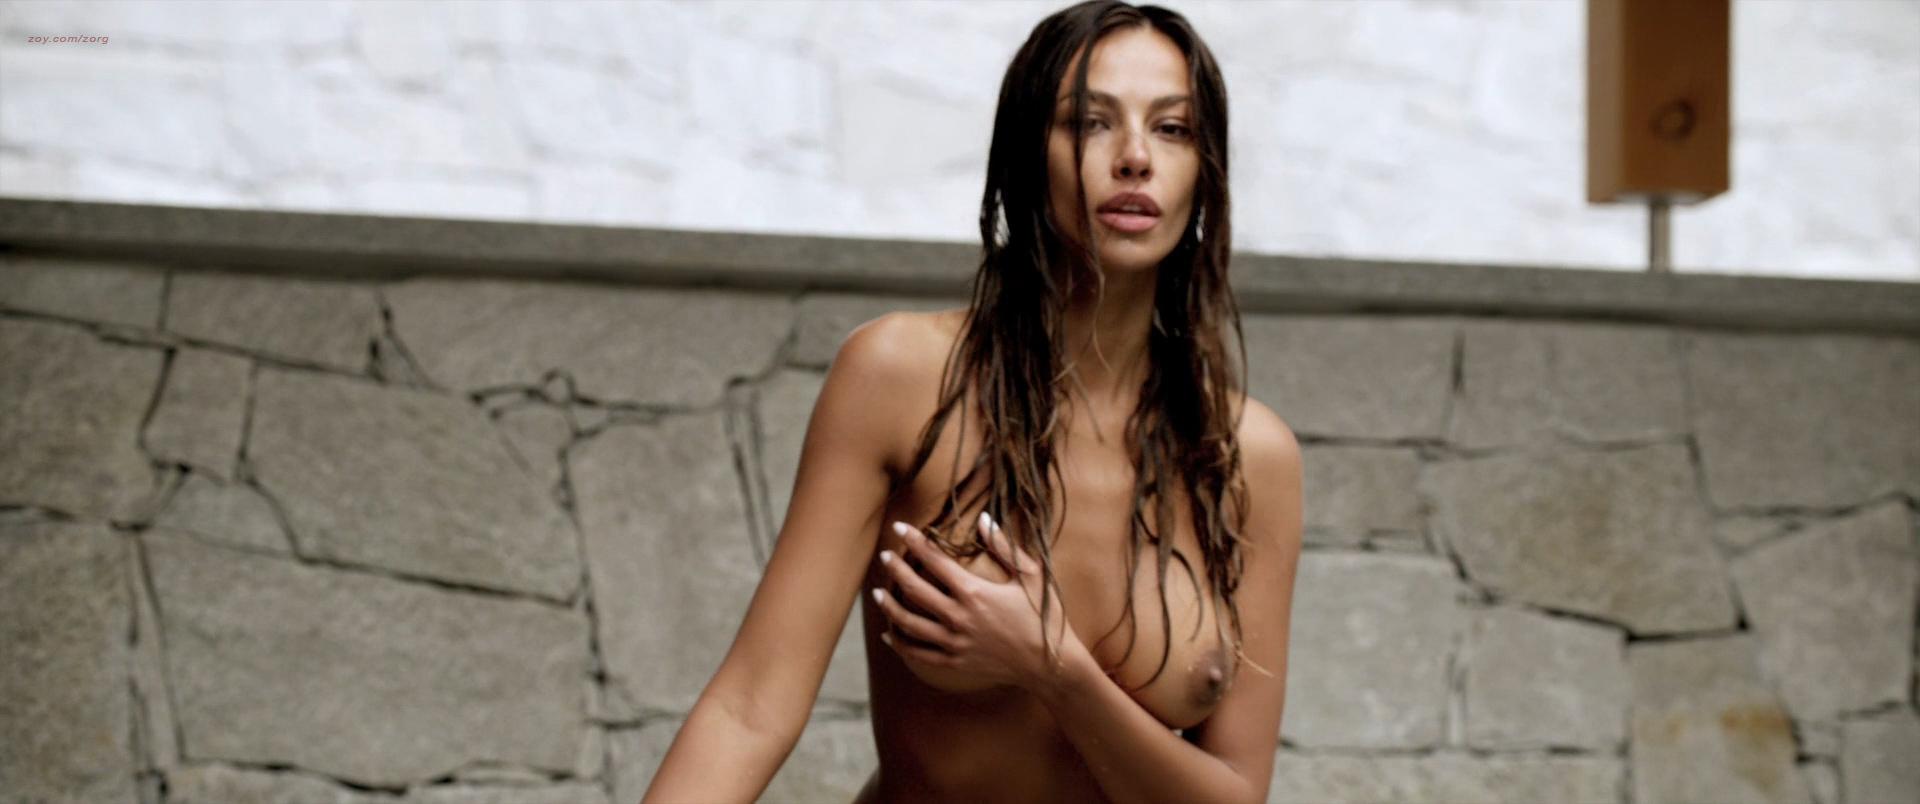 Playboy gianna lynn nude